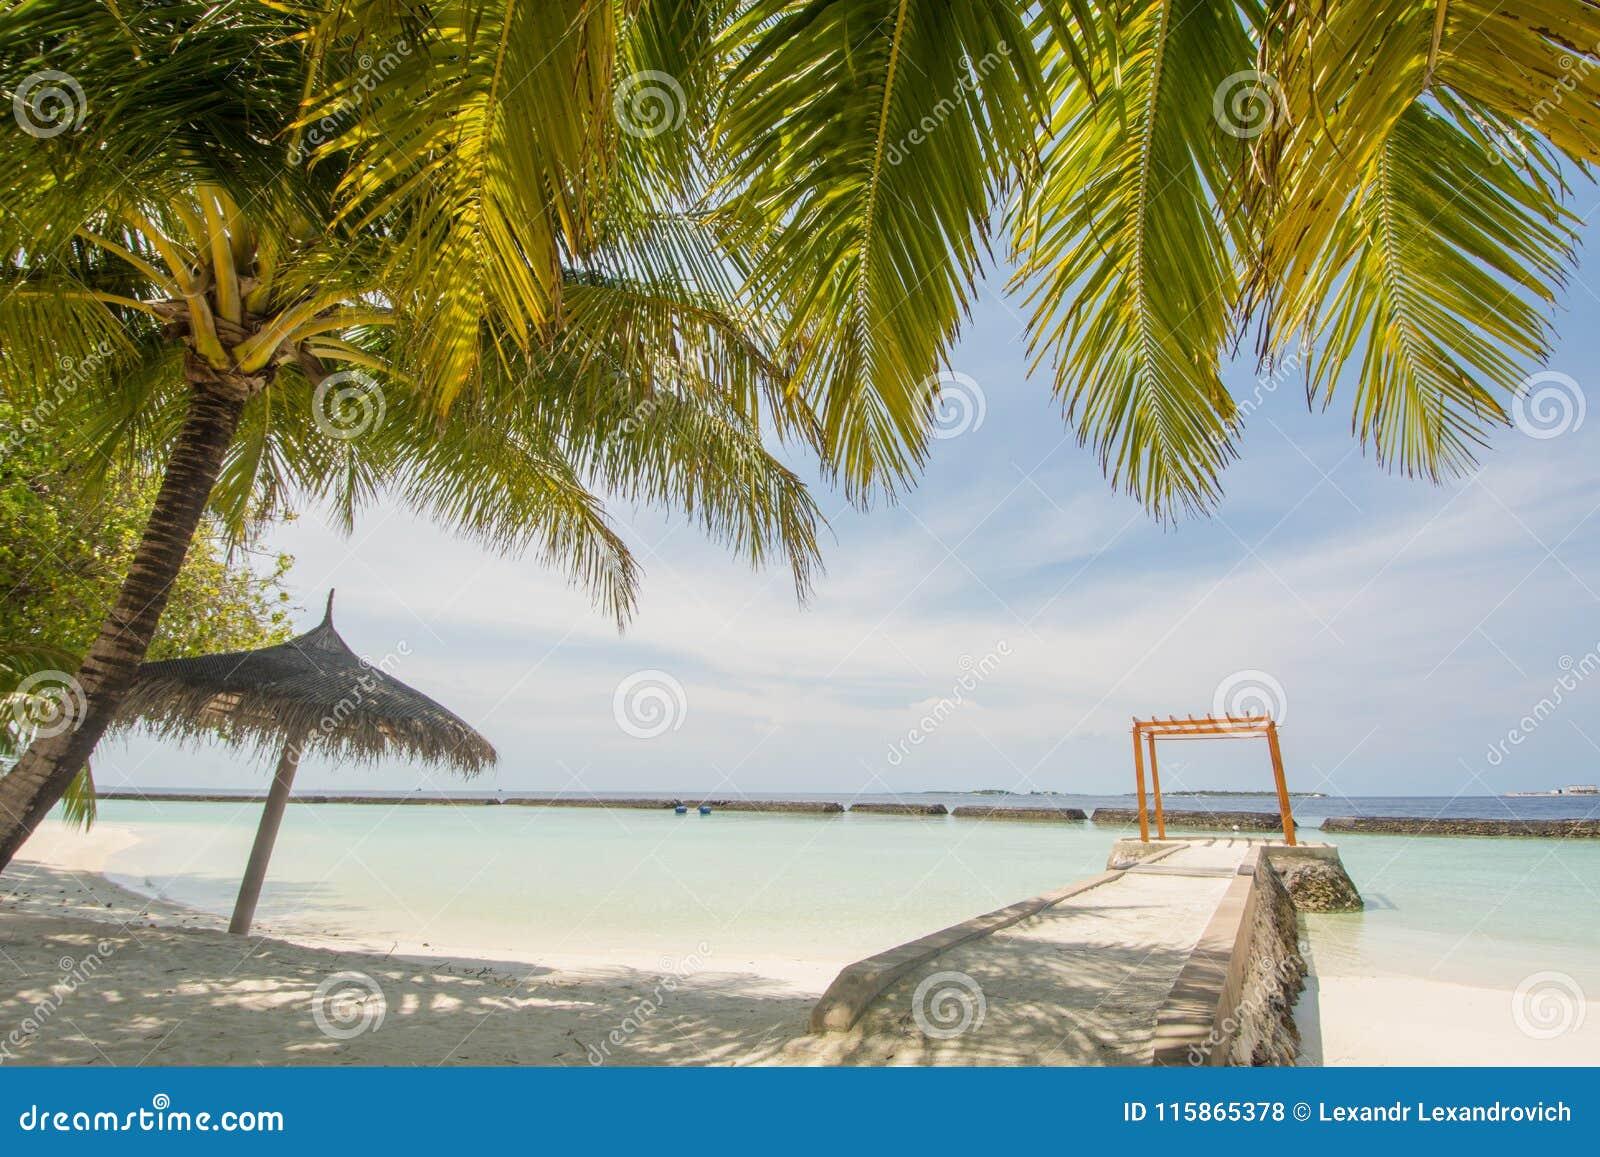 Красивый изумительный тропический взгляд ландшафта пляжа лета с океаном, голубым небом, cabana на острове на курорте